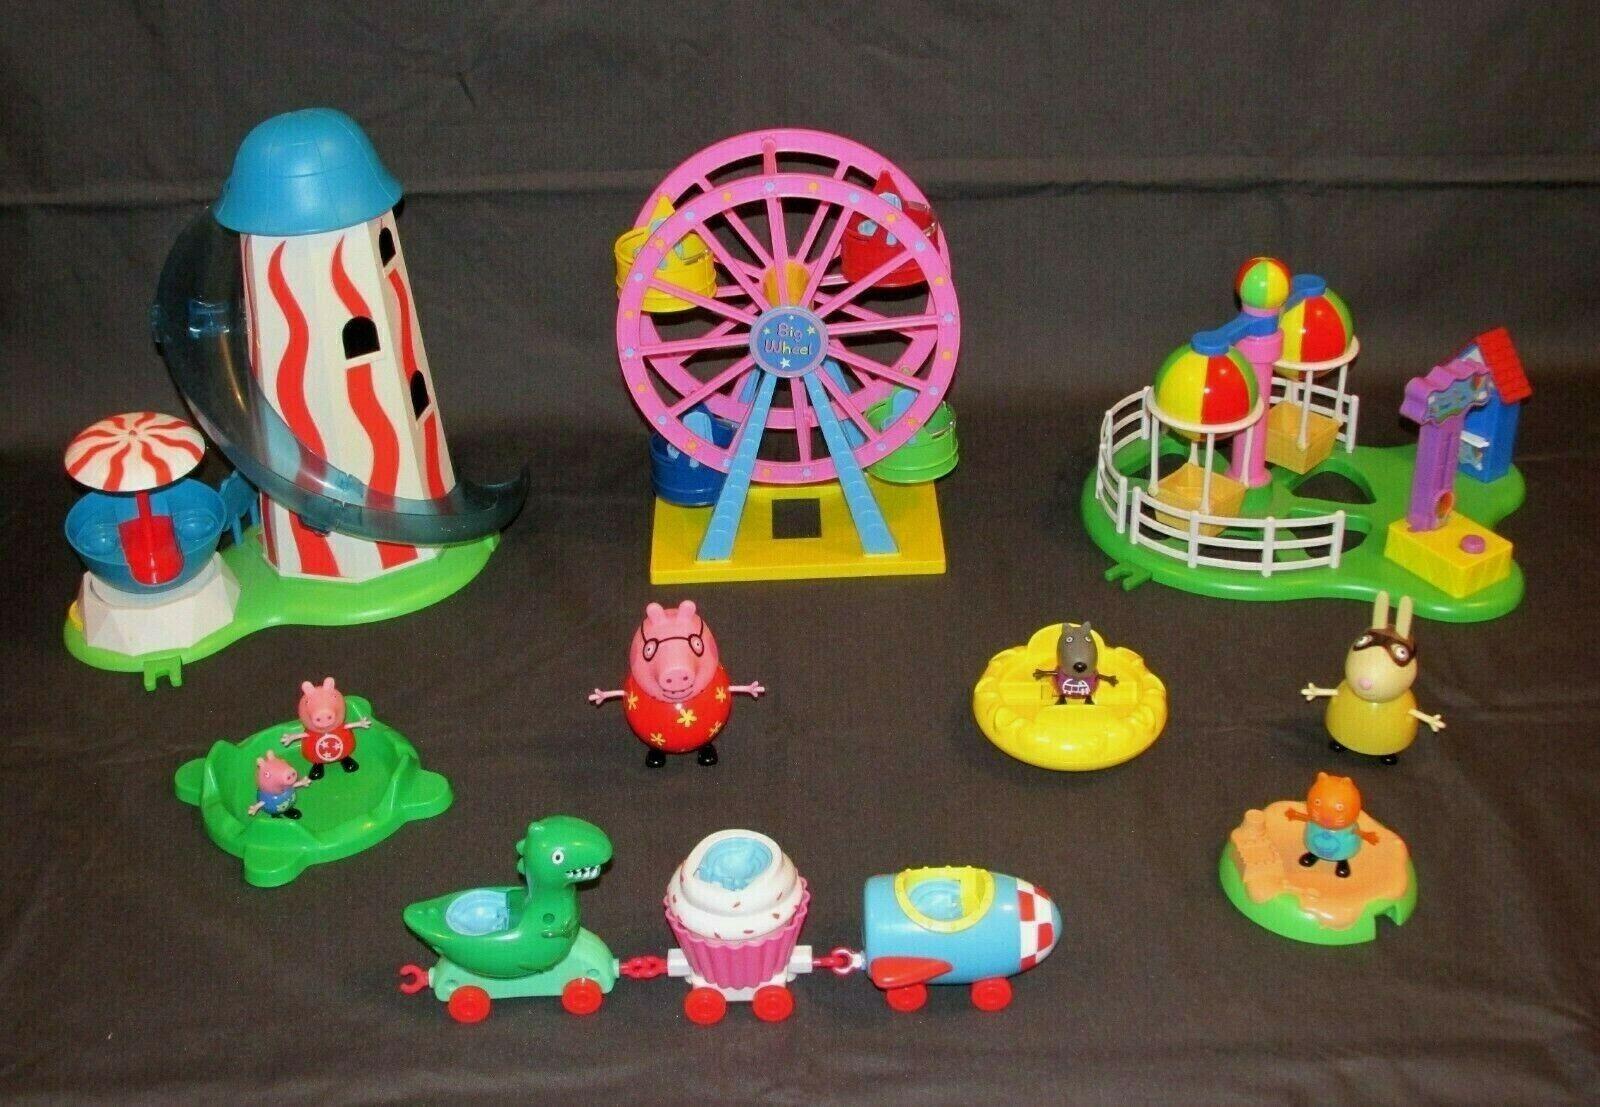 PEPPA PIG FAIRGROUND BUNDLE FERRIS WHEEL HELTER SKELTER BALLOON RIDE FIGURES Spielzeug